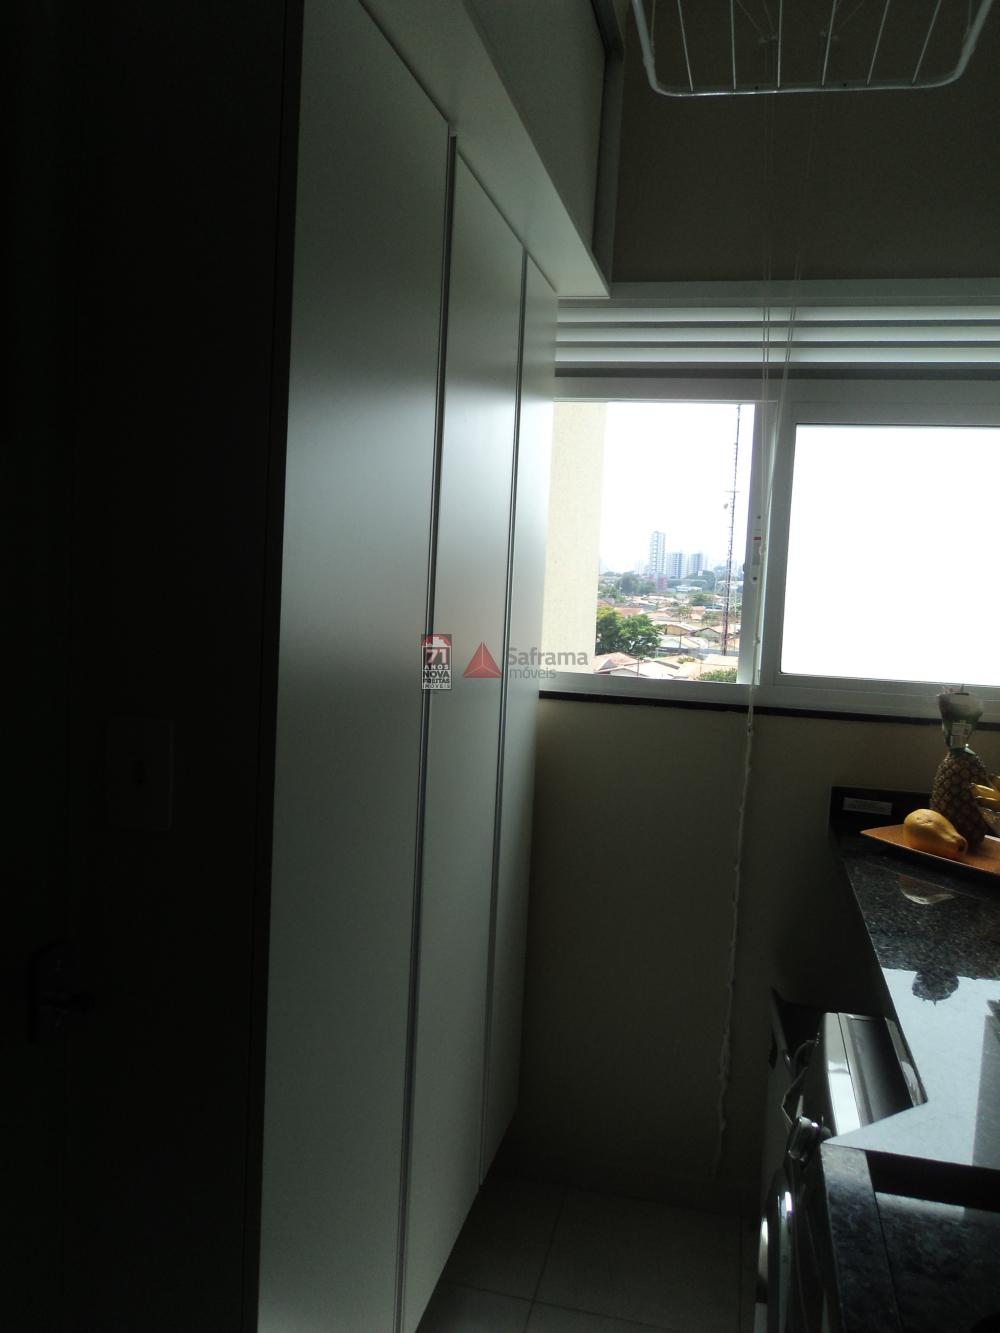 Comprar Apartamento / Padrão em Taubaté R$ 450.000,00 - Foto 3